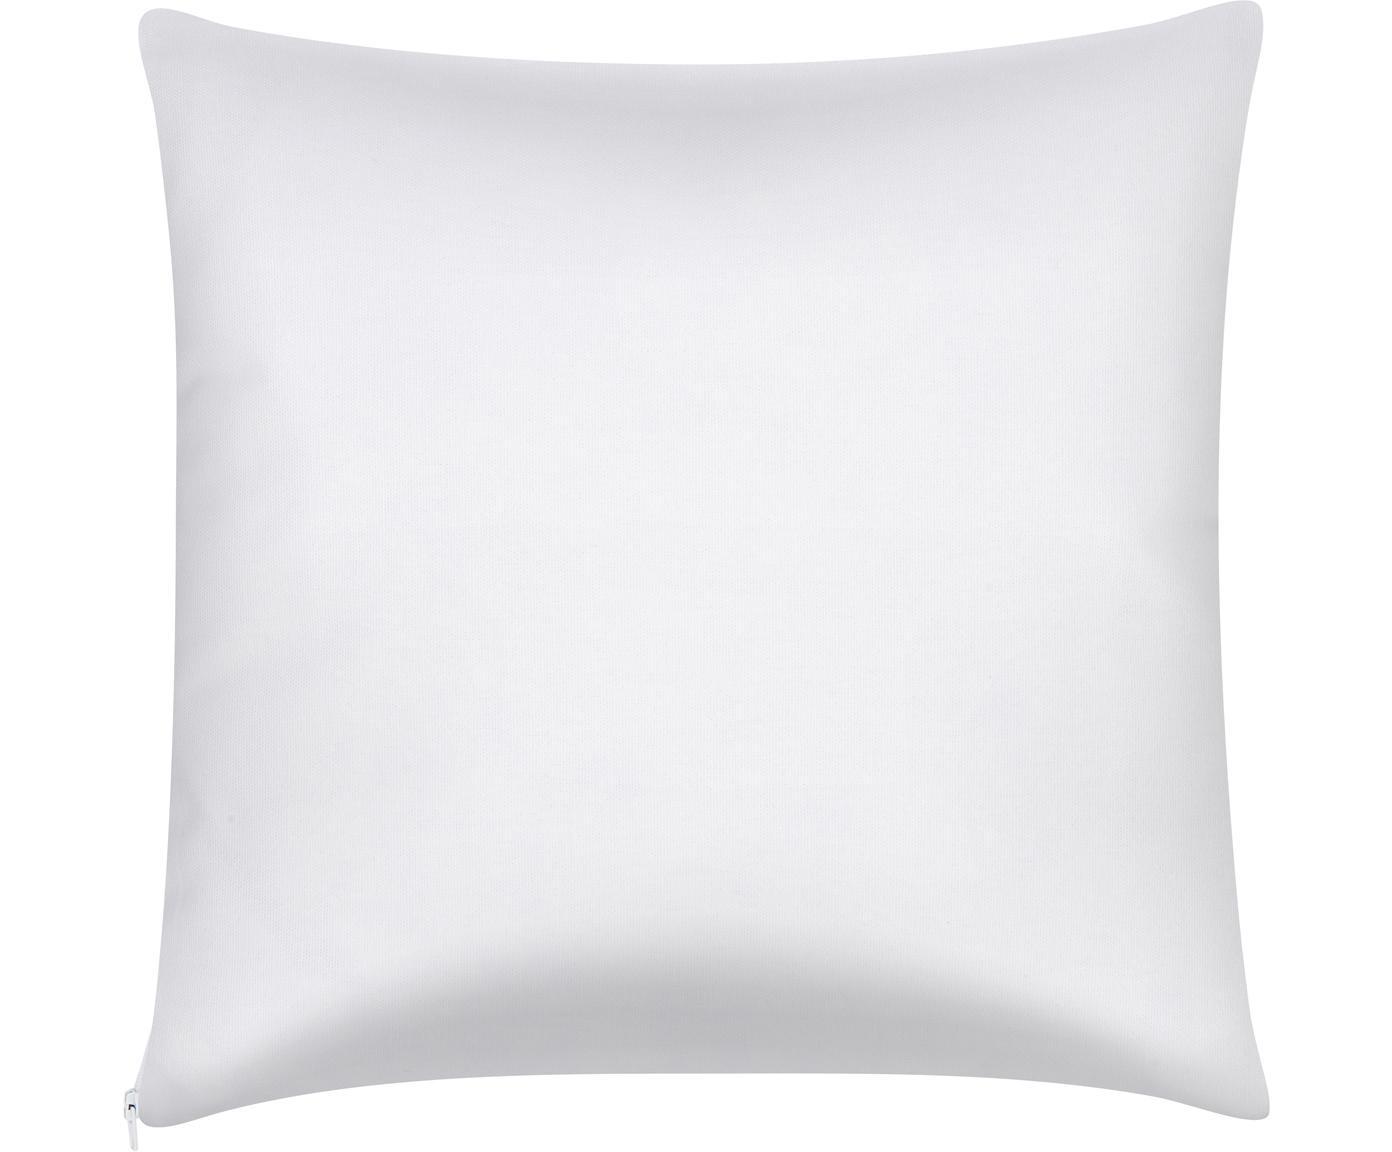 Poszewka na poduszkę Mia, Bawełna, Żółty, biały, S 40 x D 40 cm